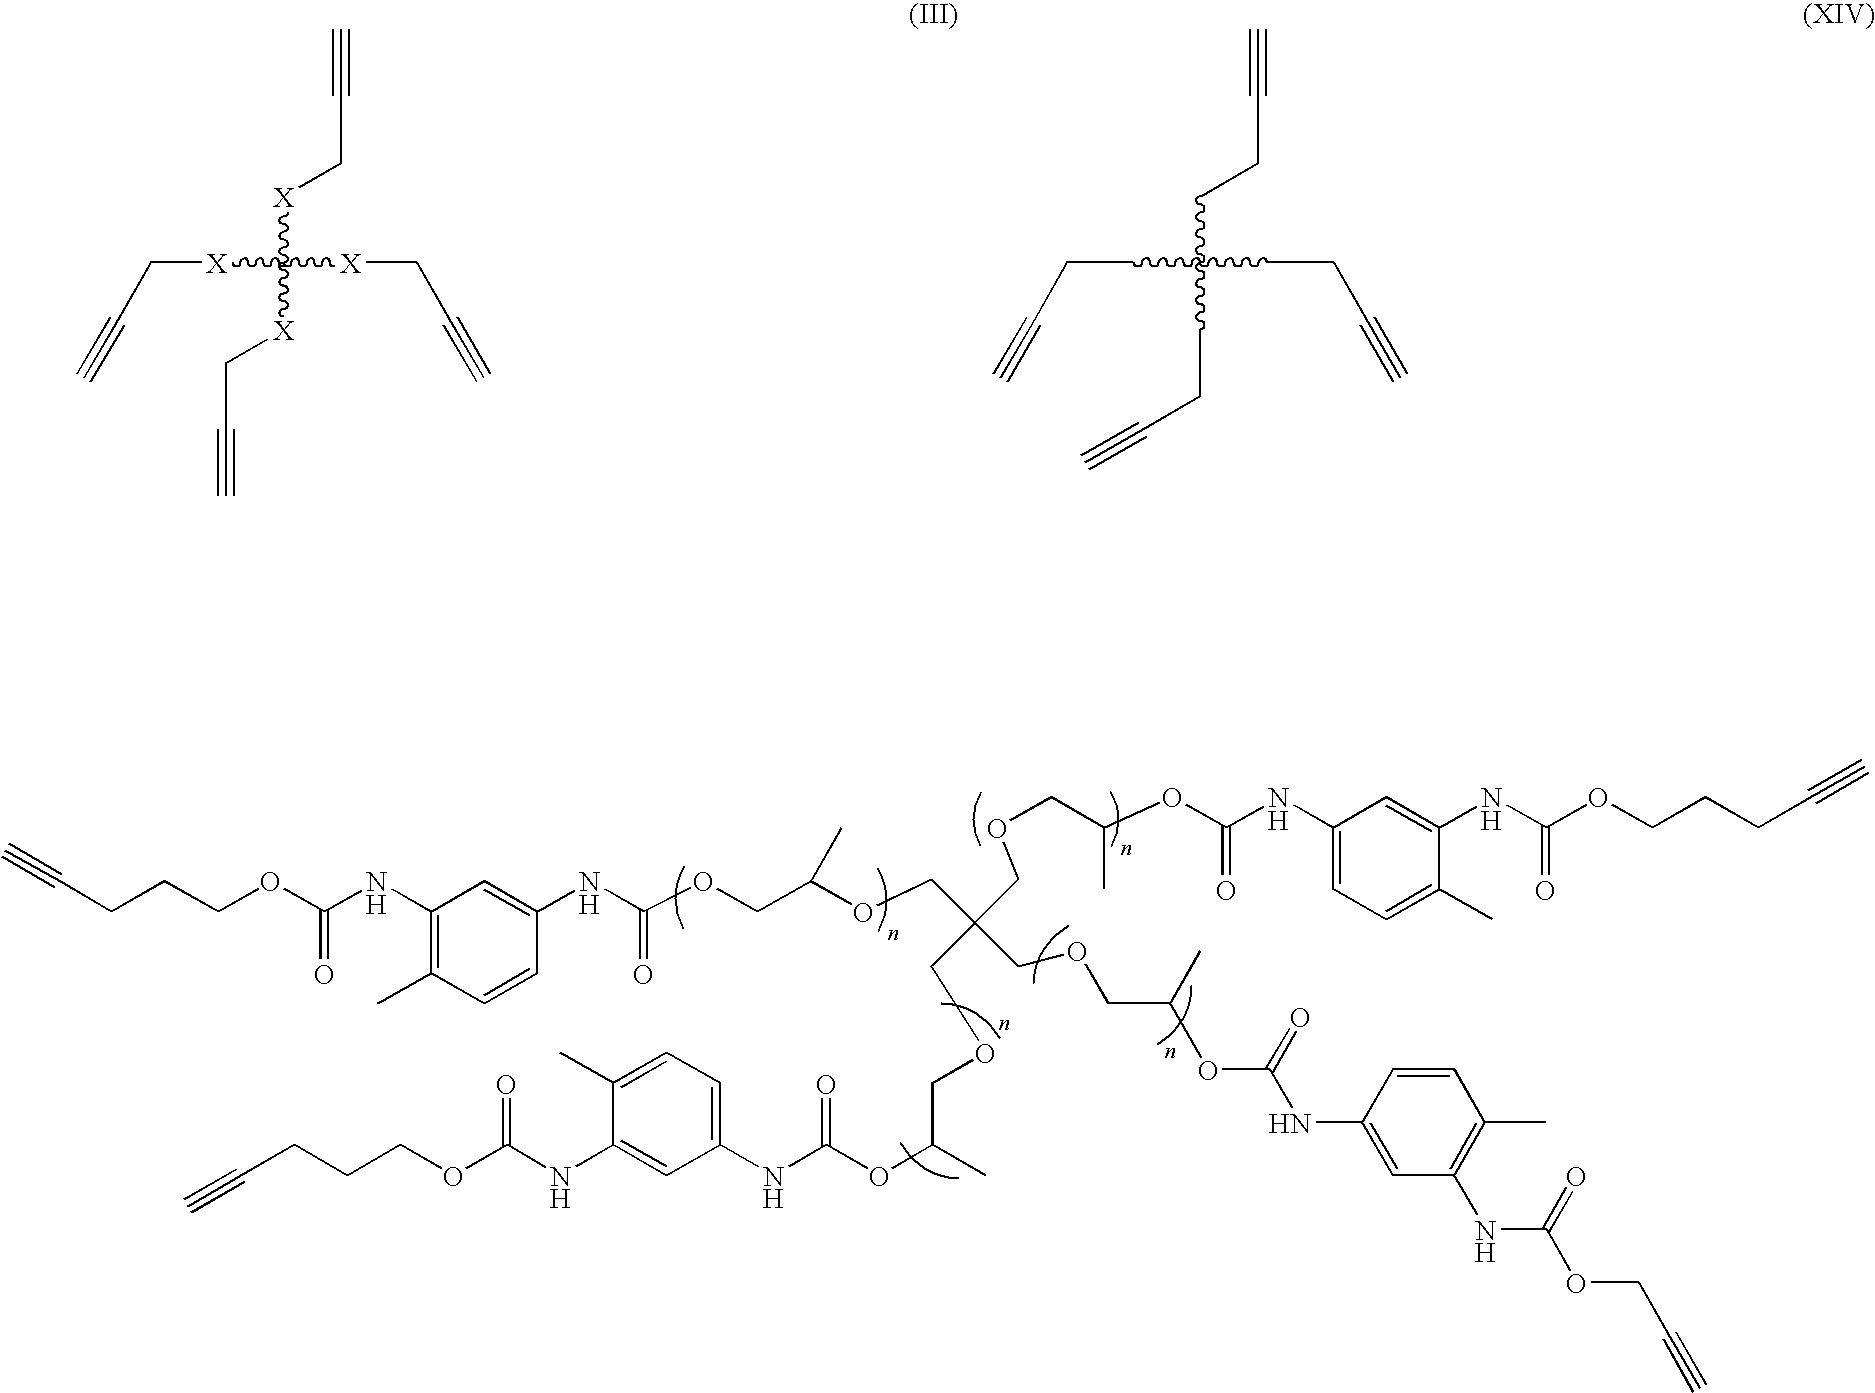 Figure US20090247651A1-20091001-C00022